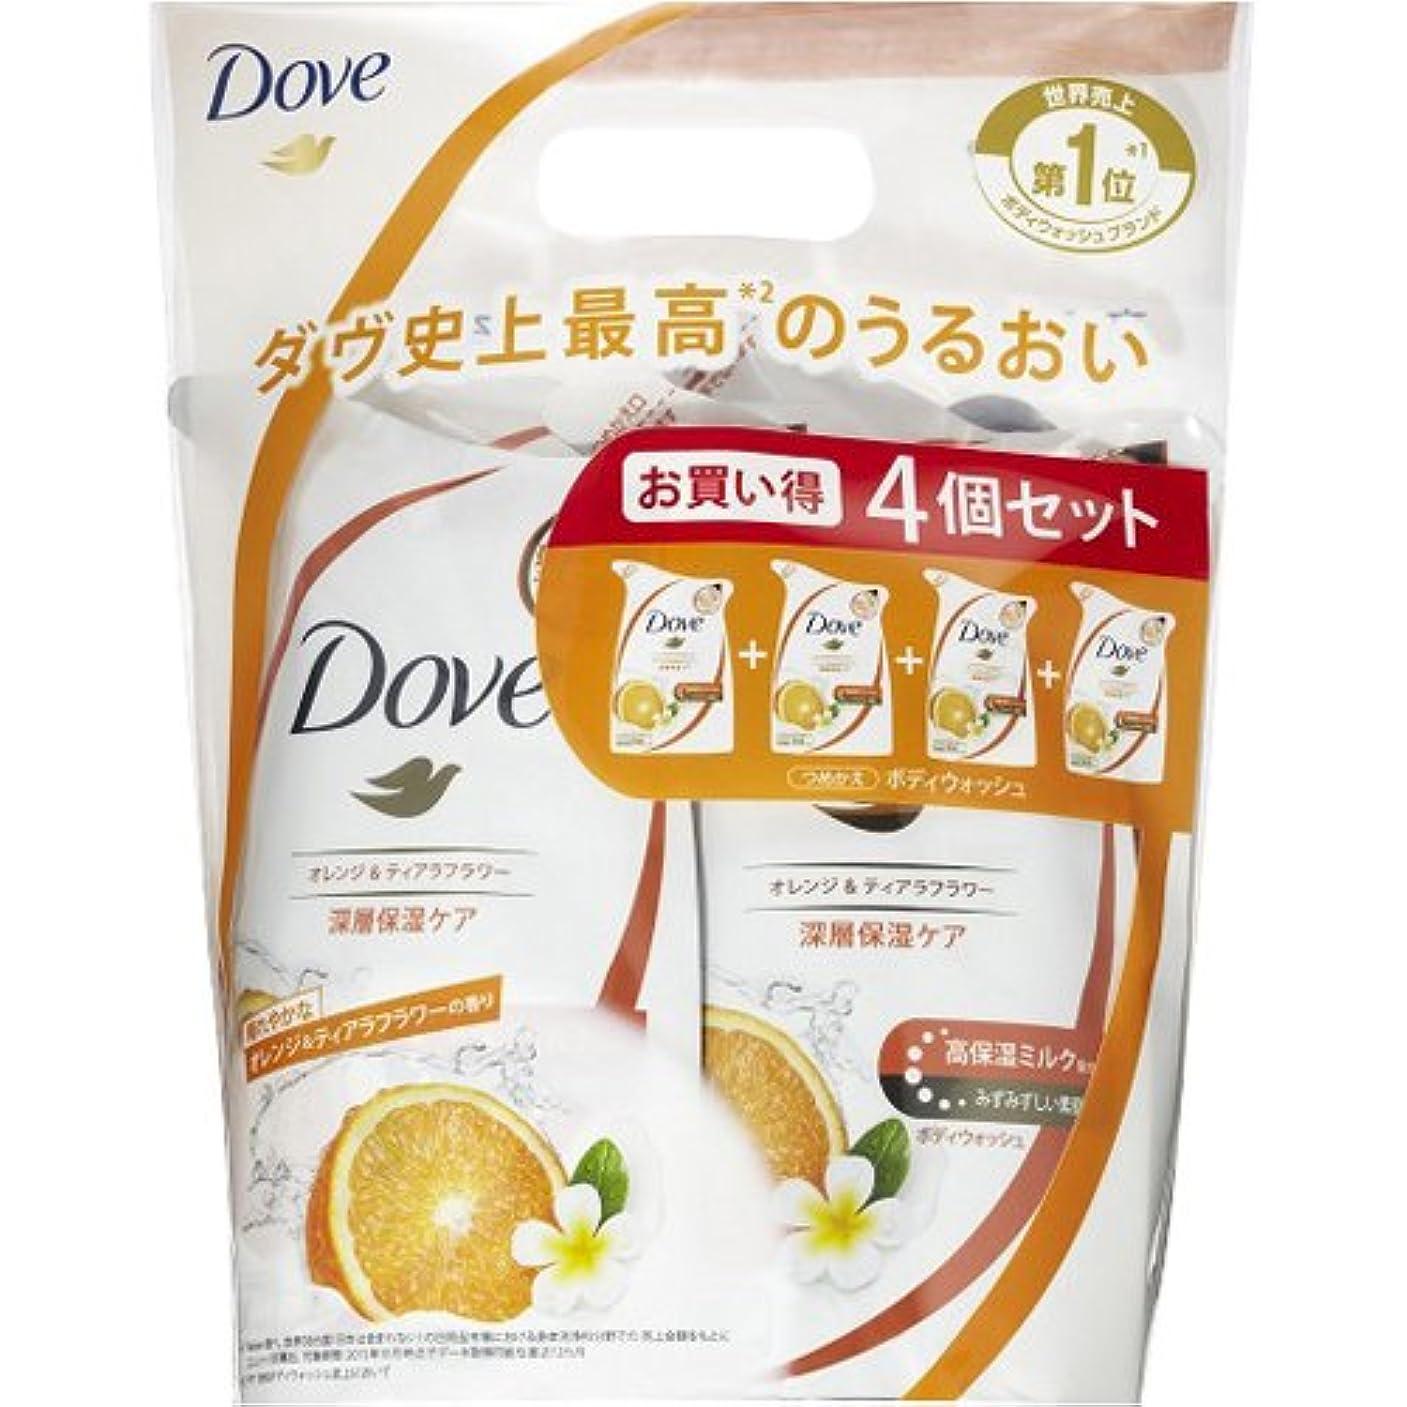 ジャンル受粉する端Dove ダヴ ボディウォッシュ オレンジ & ティアラフラワー つめかえ用 360g×4個セット